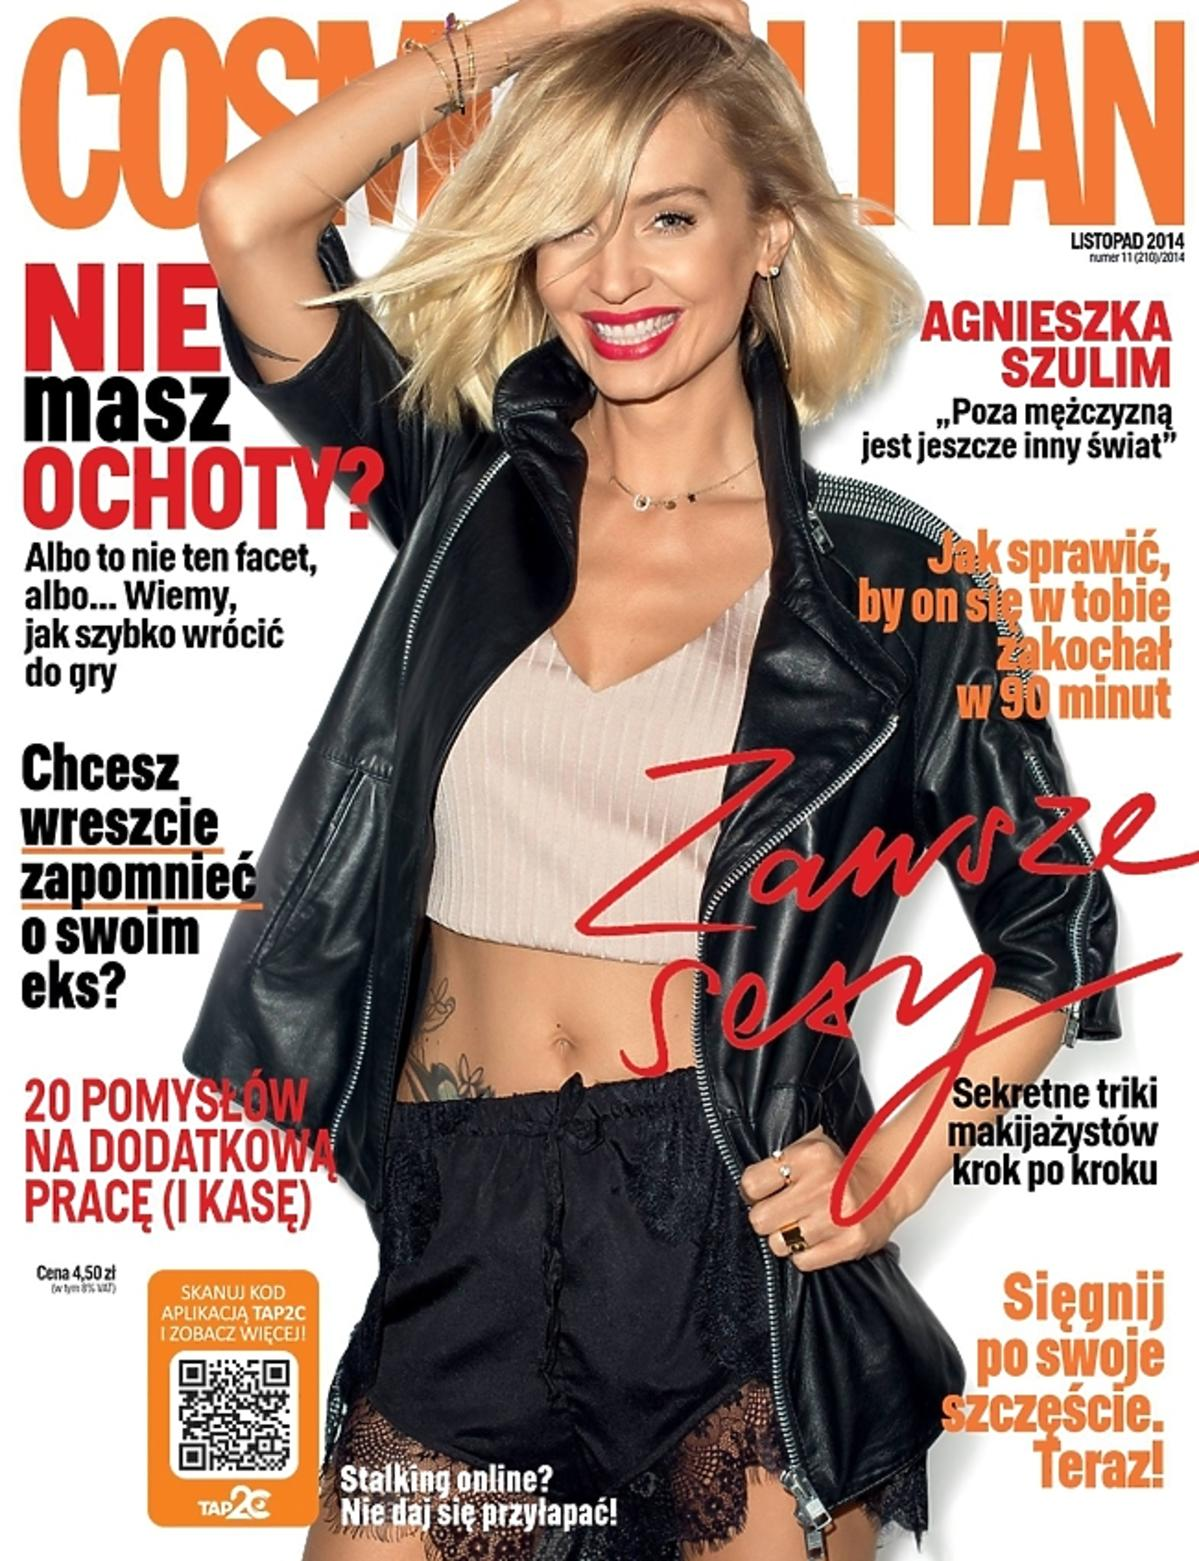 Agnieszka Szulim na okładce Cosmopolitan